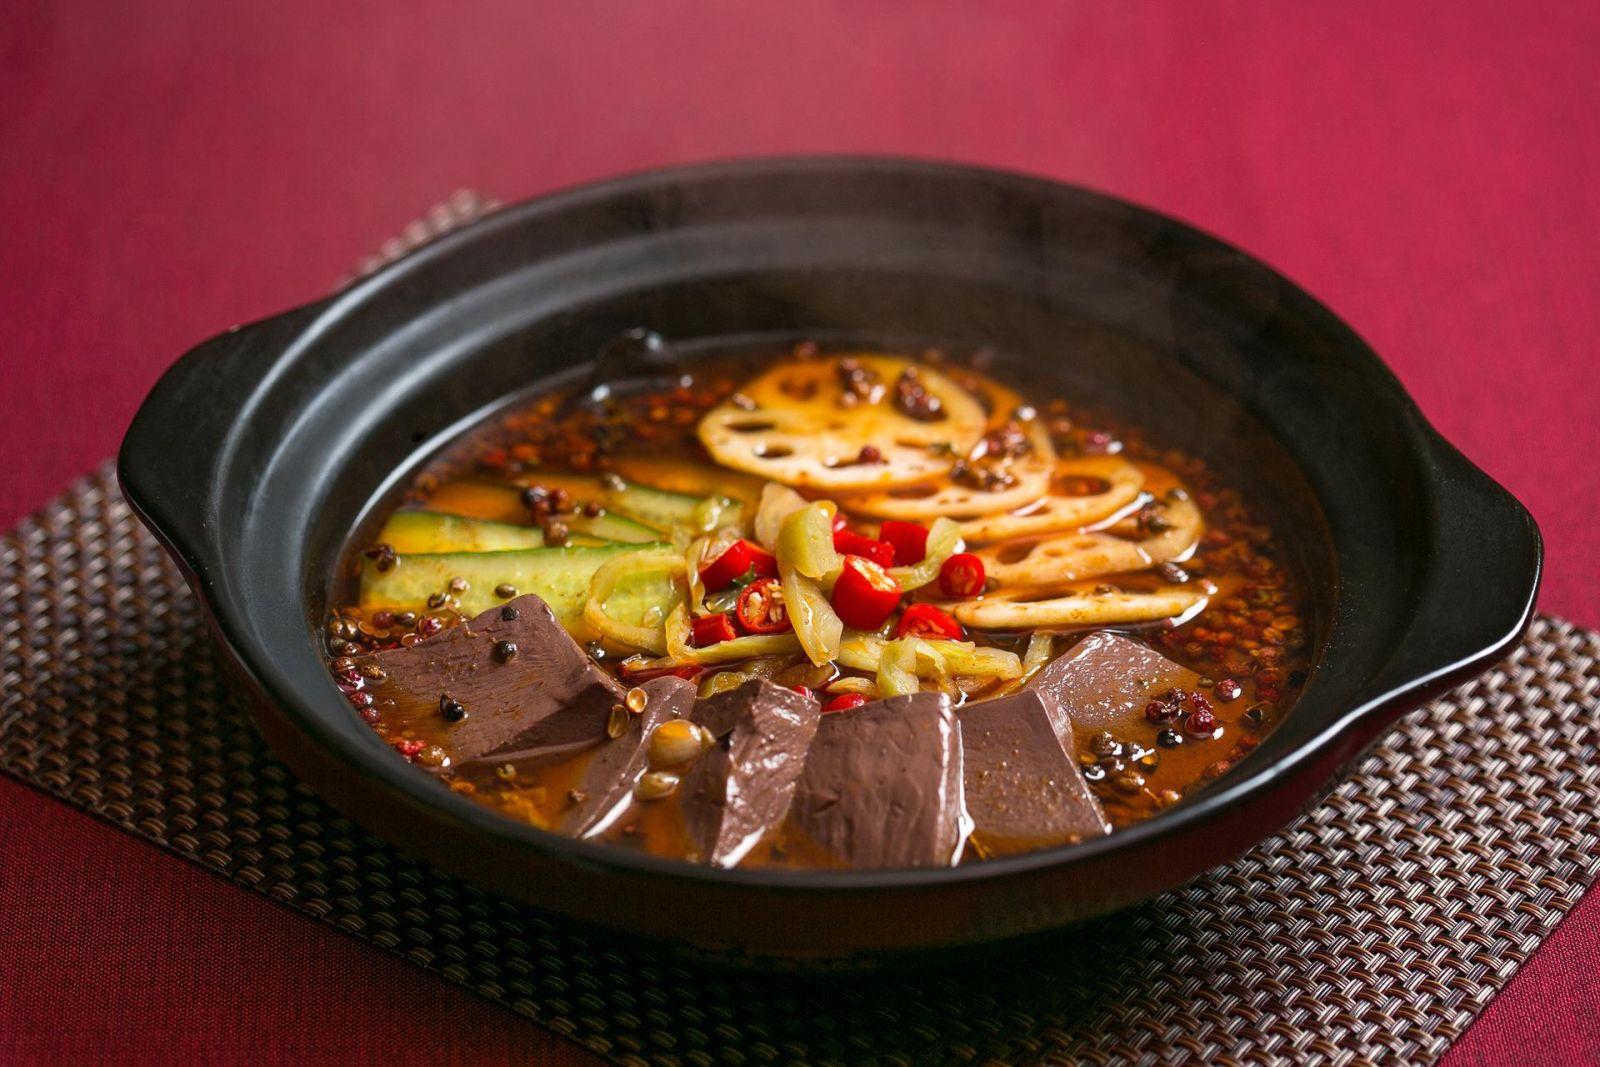 【川菜廳】 皇城川味「京」典宴 康熙年間的青辣風格